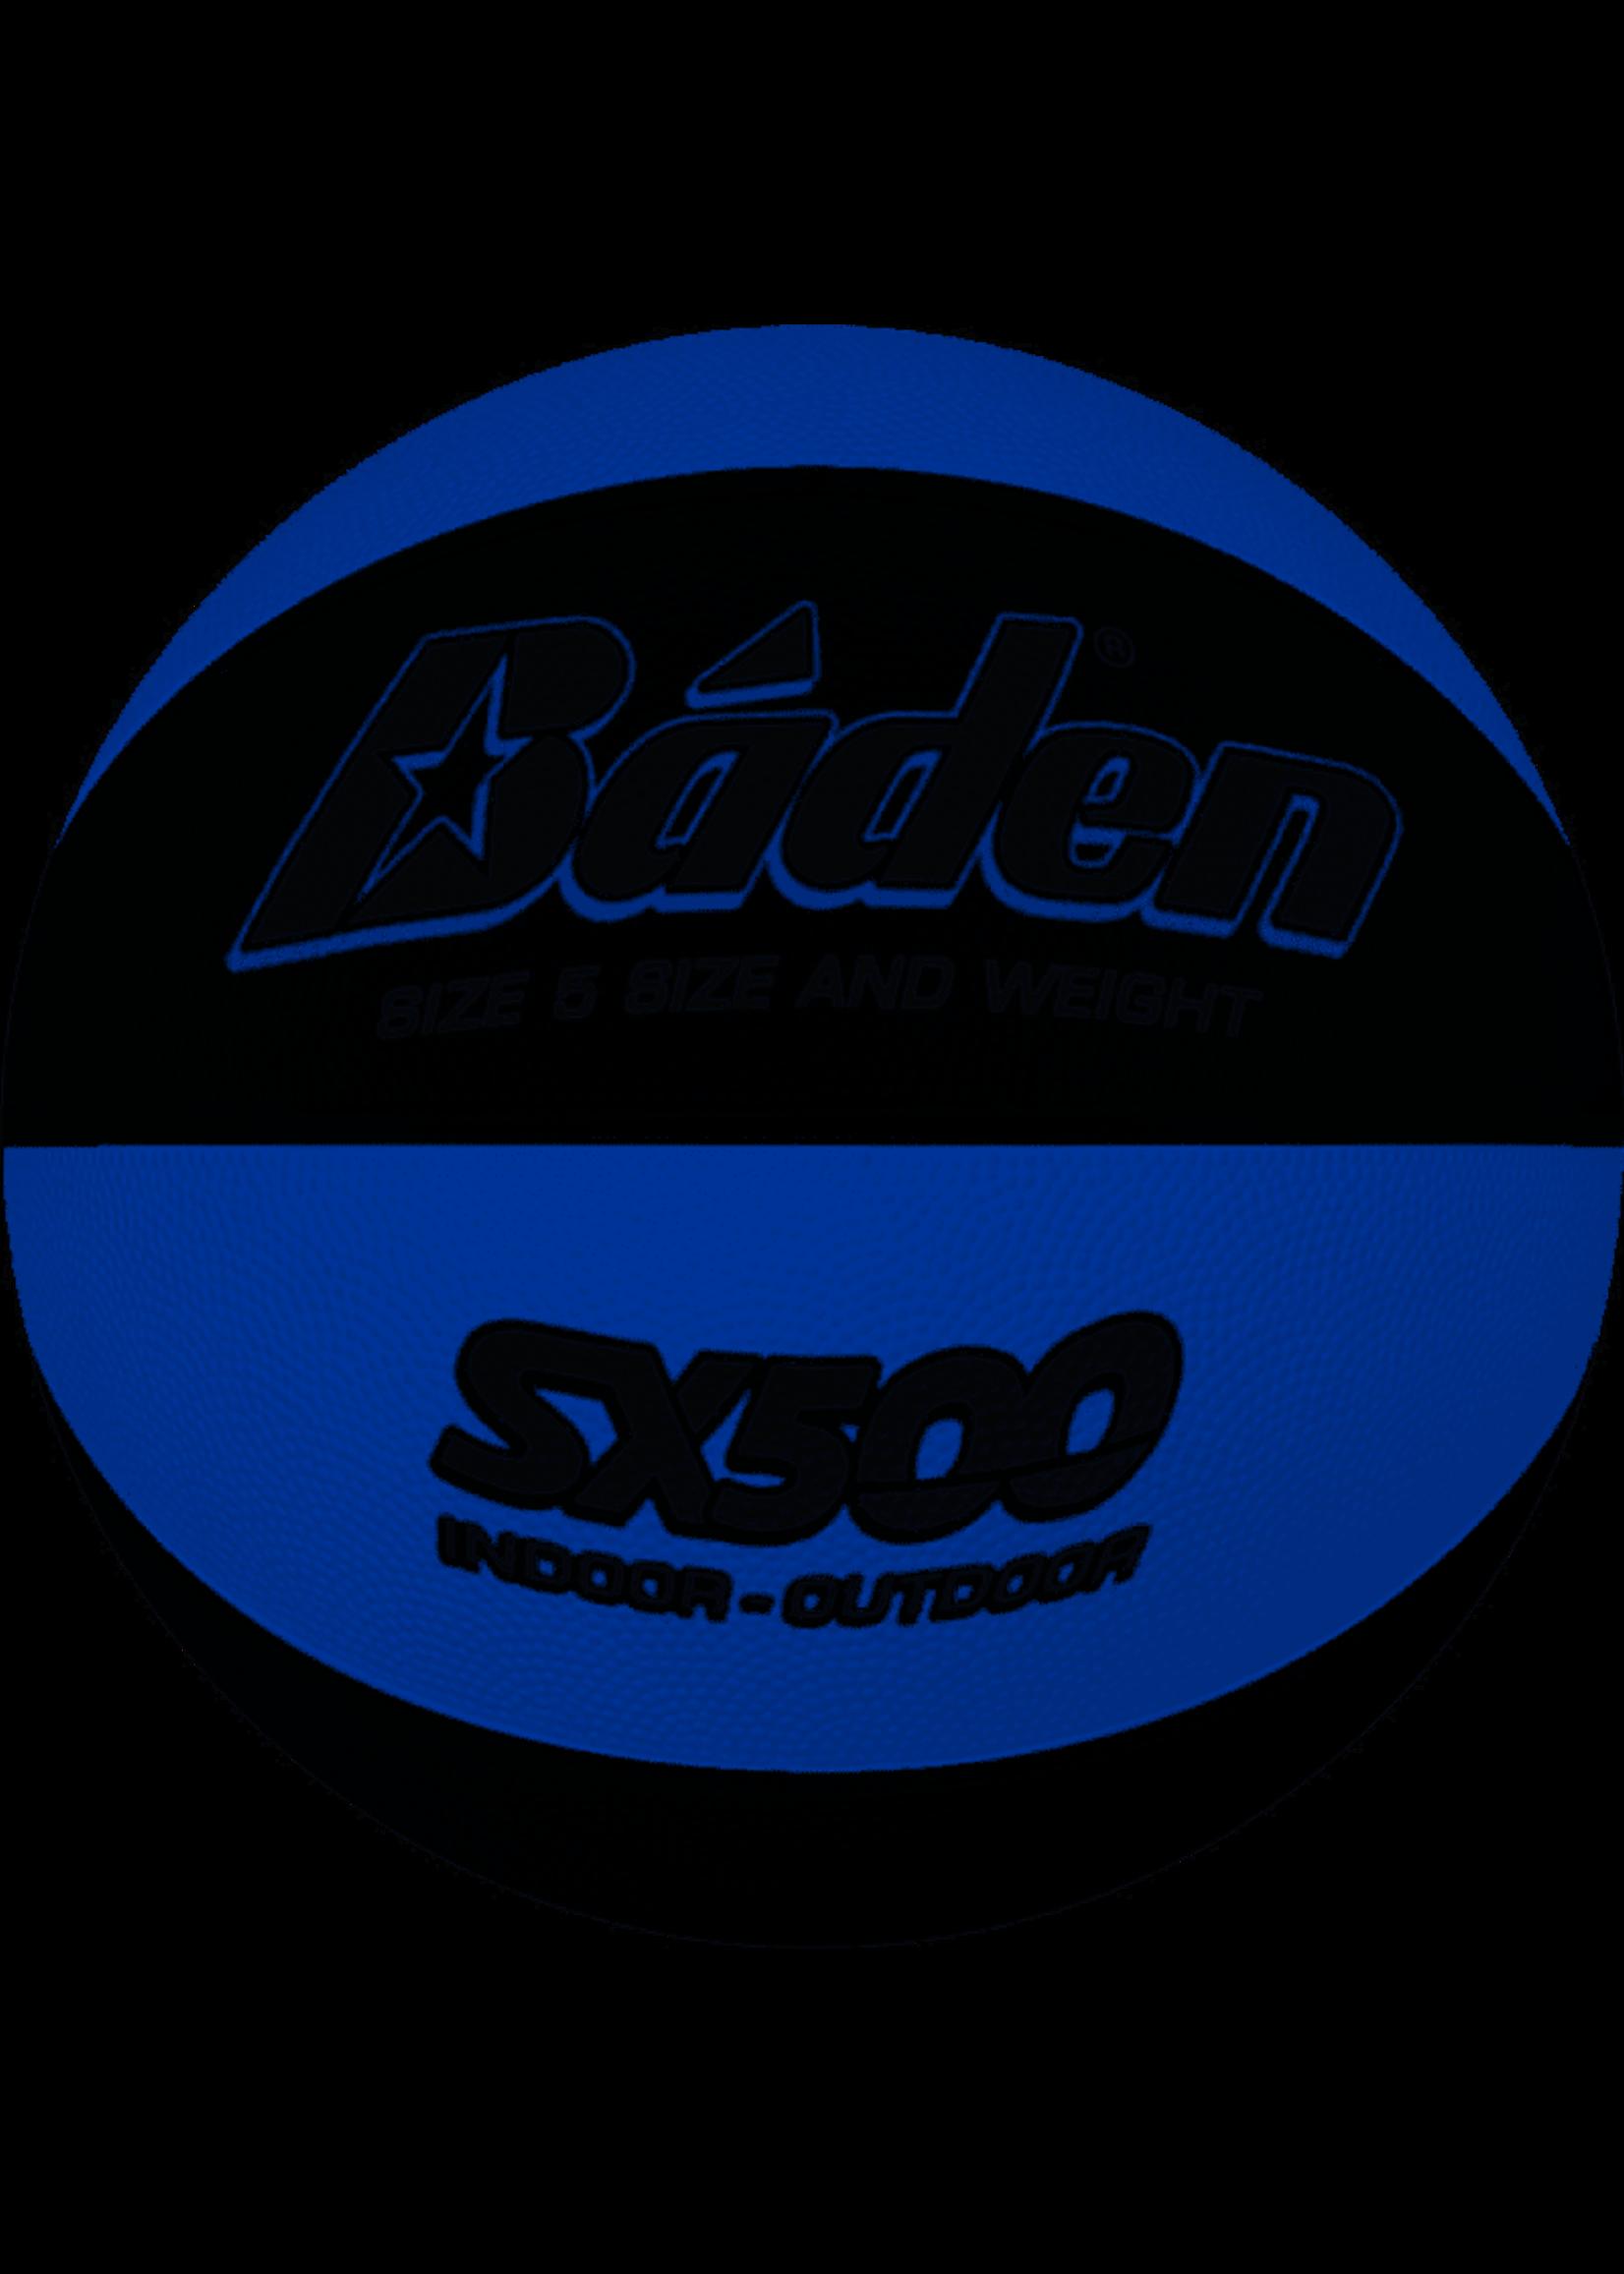 Baden Baden SX Basketball (2019)